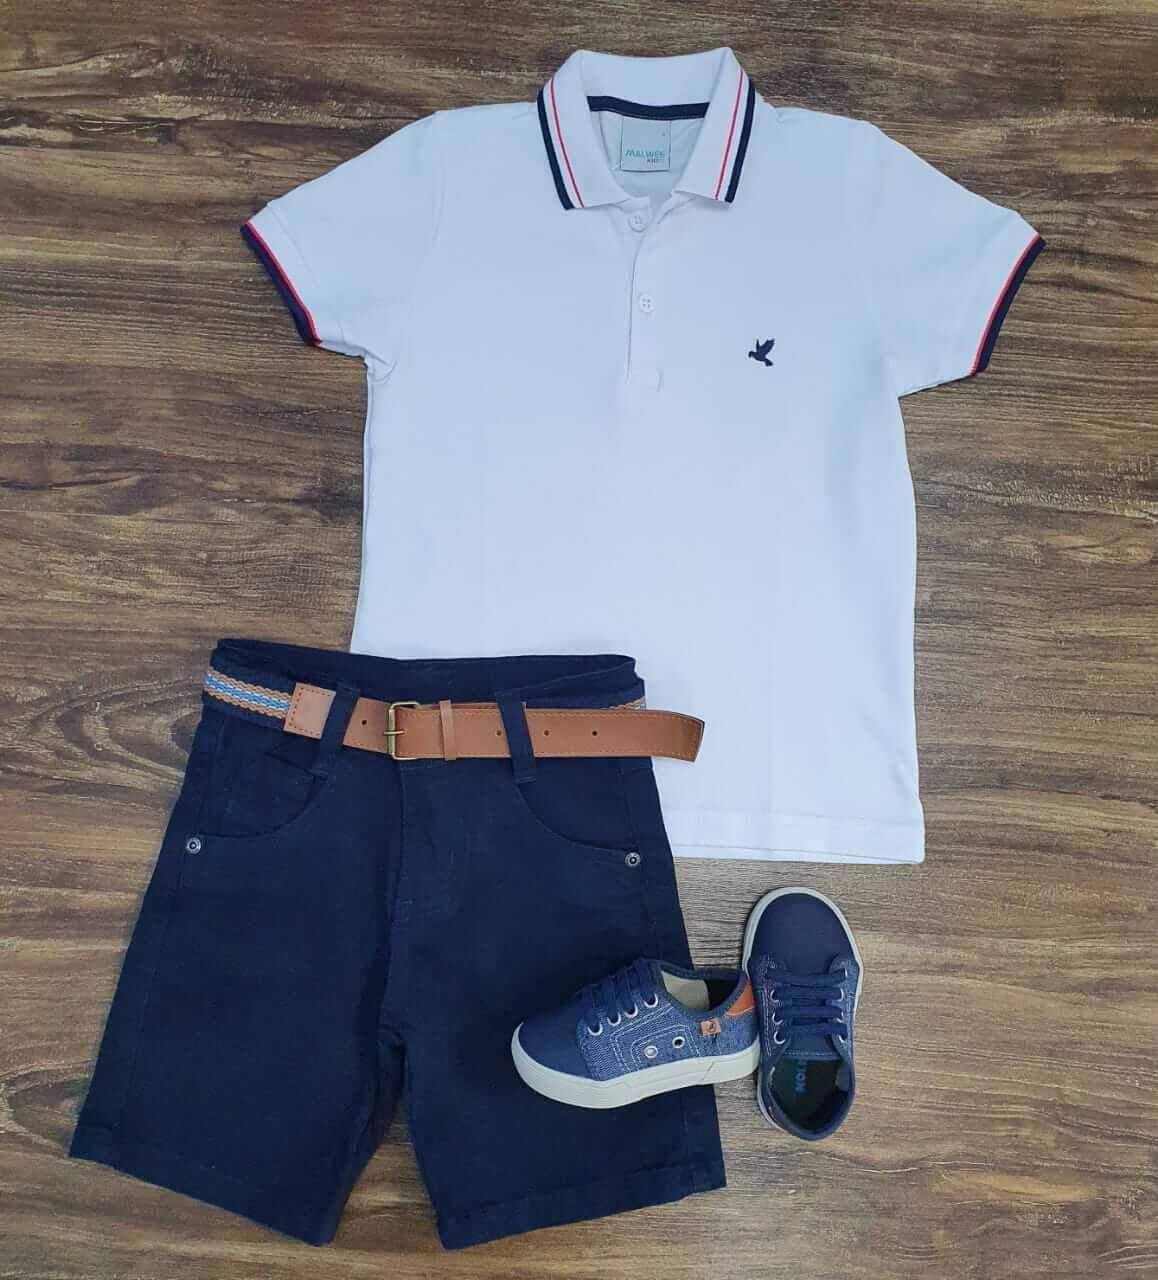 Bermuda Azul Marinho com Camisa Polo Branca Infantil